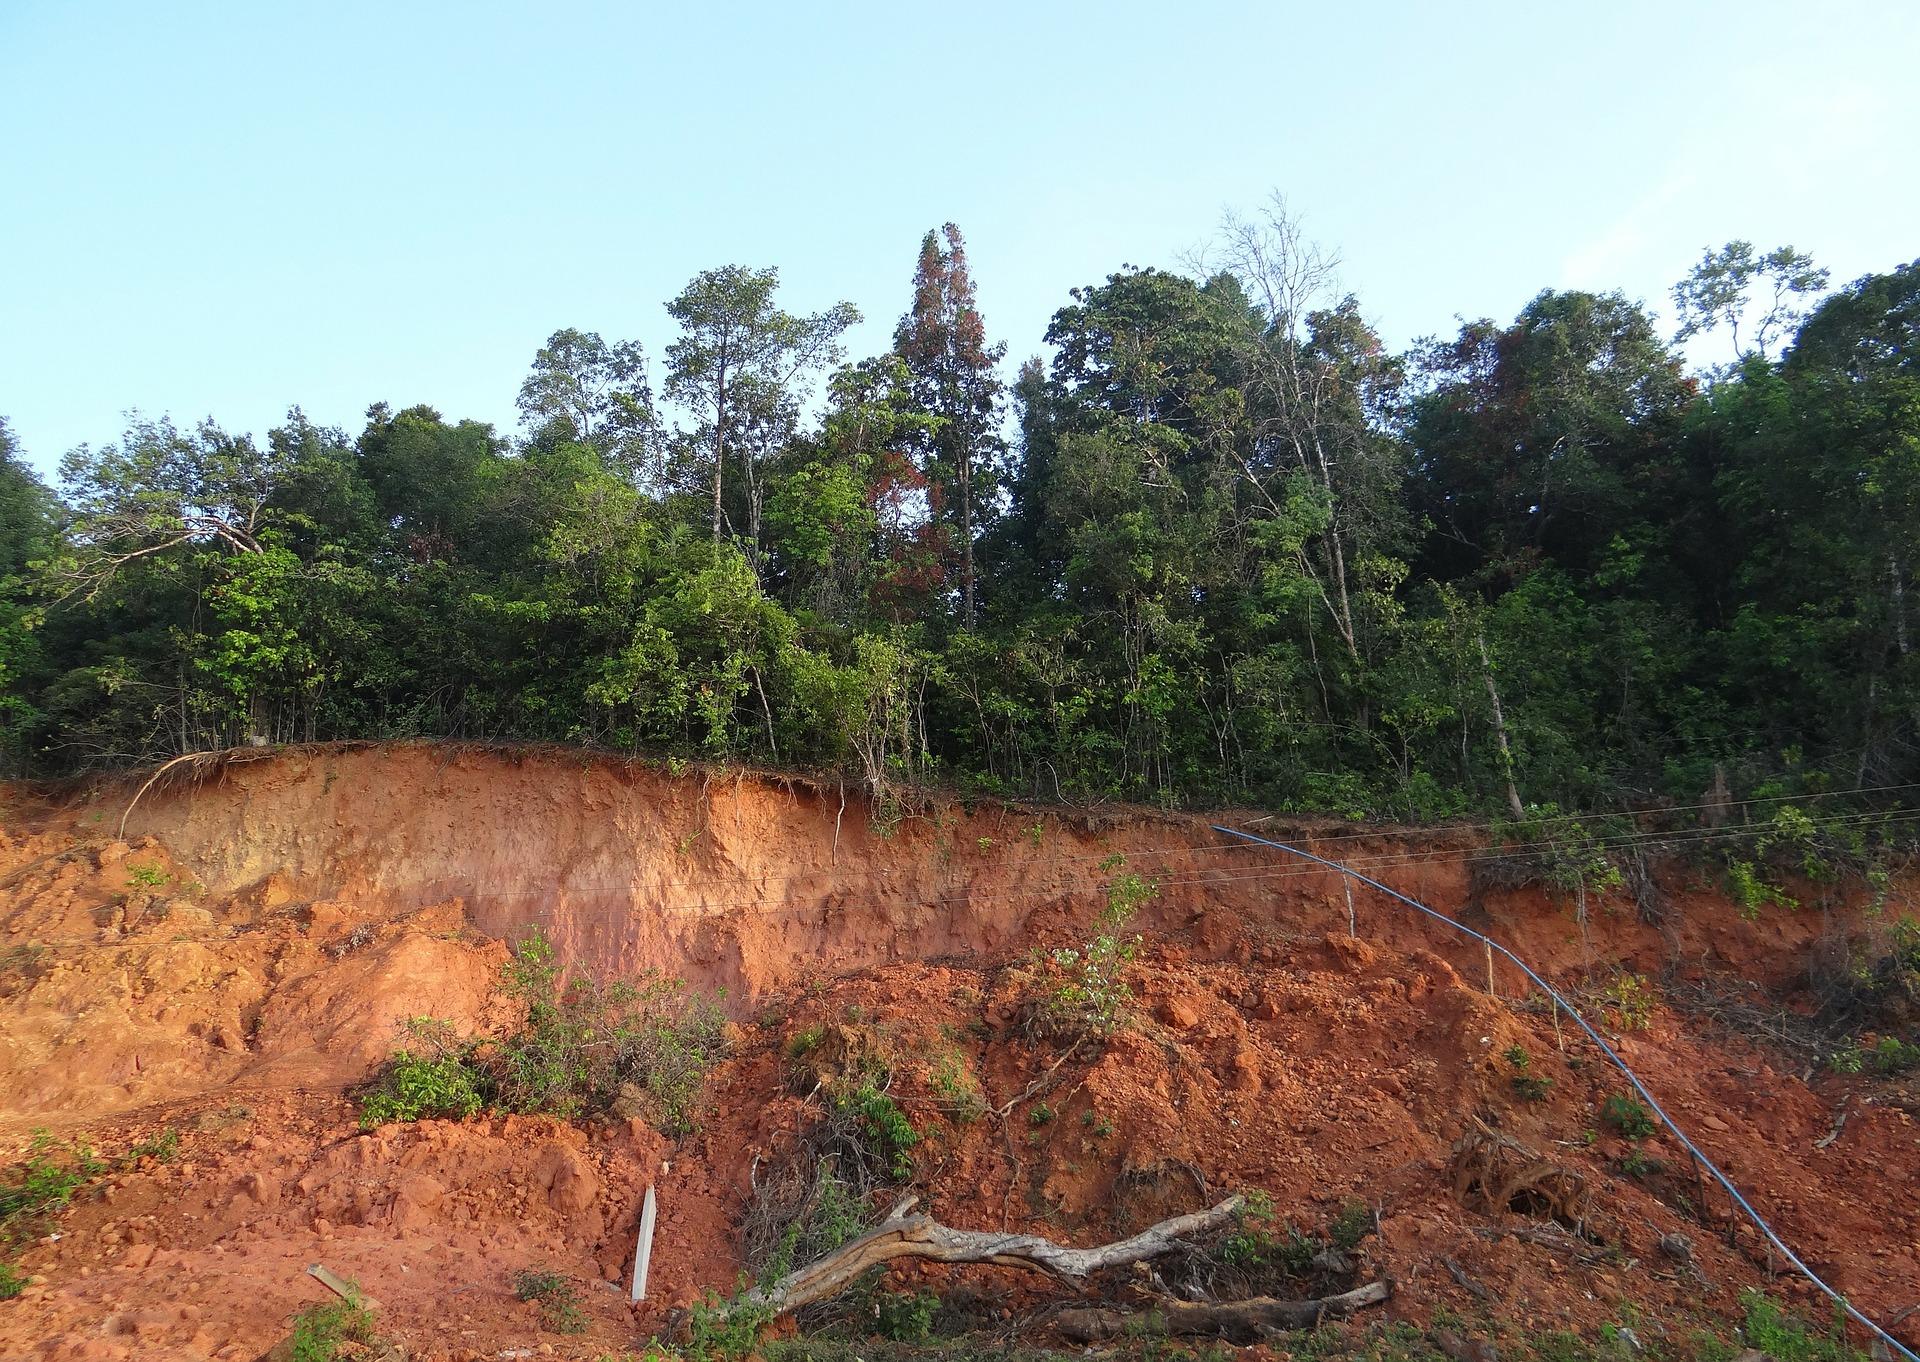 Glissement de terrain au Japon : Les secouristes cherchent les survivants